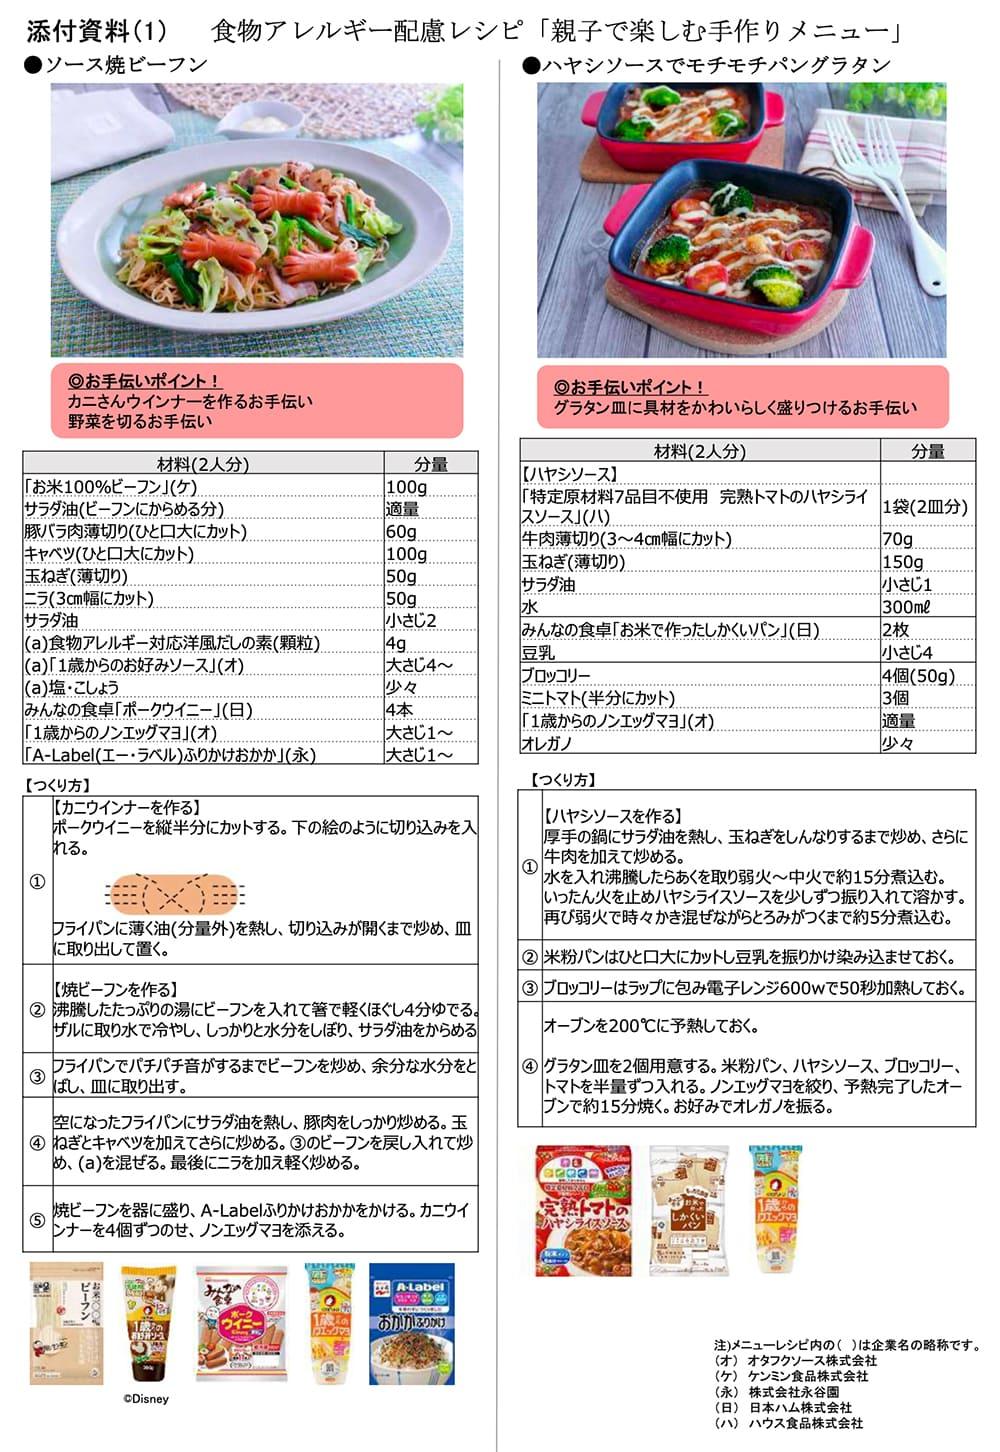 食品メーカーによる食物アレルギー協同取り組み「プロジェクトA」 ケンミン食品参画後、初の5社協同開発の食物アレルギー配慮レシピを発表